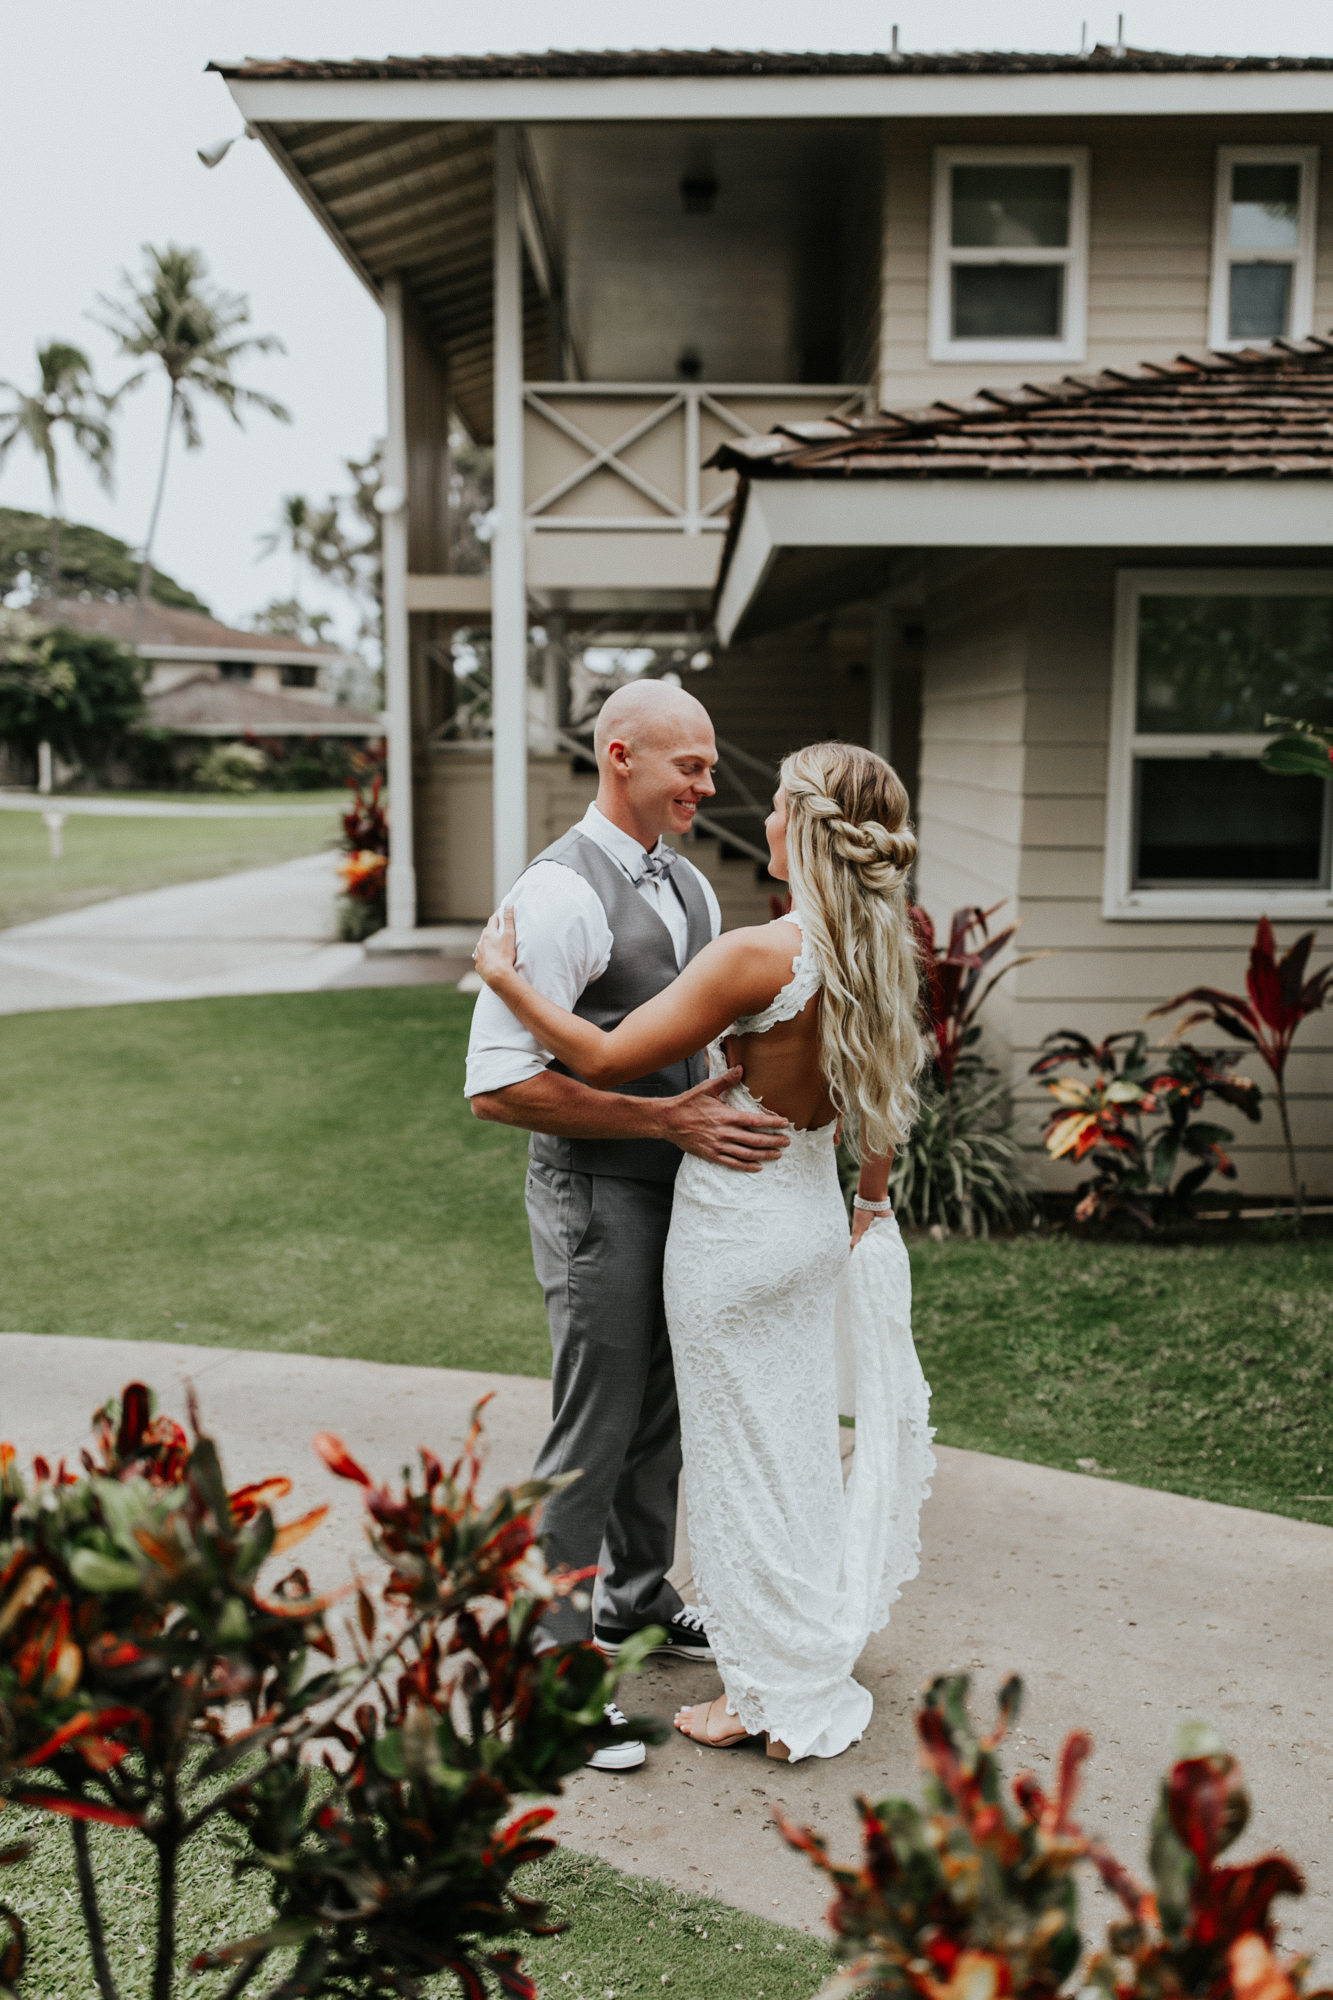 destination-wedding-photographer-hawaii-maui-elopement-34.jpg